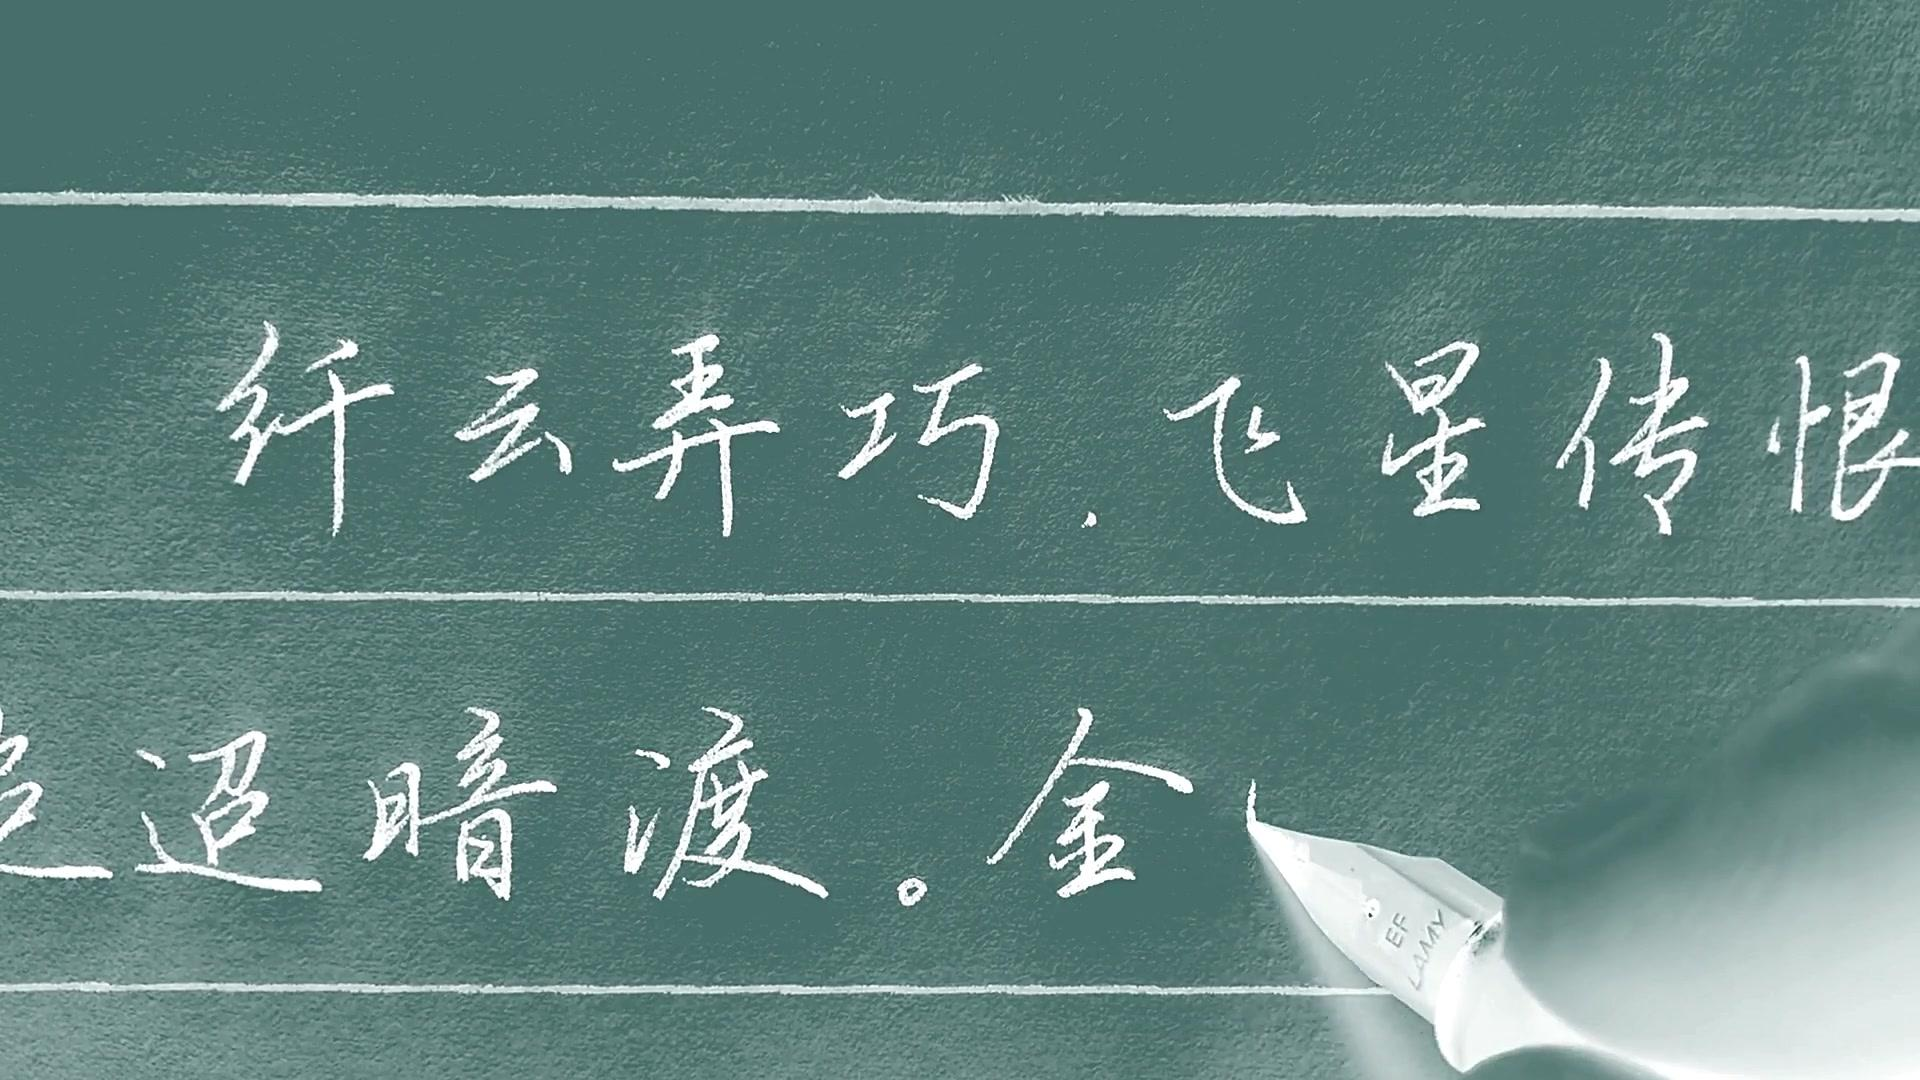 手写行楷欣赏:秦观《鹊桥仙》,这钢笔书法养眼!